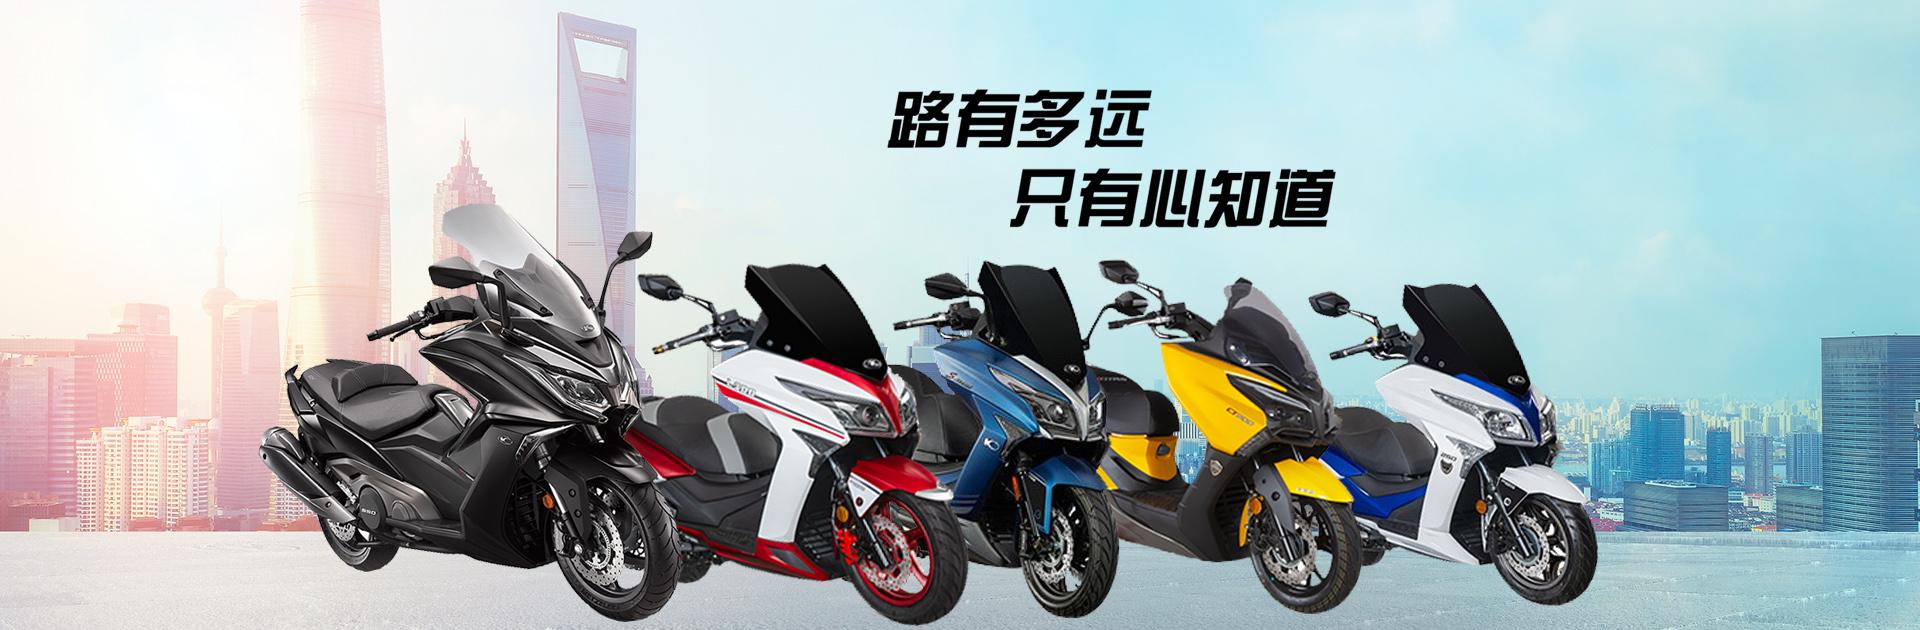 光阳摩托车专卖店